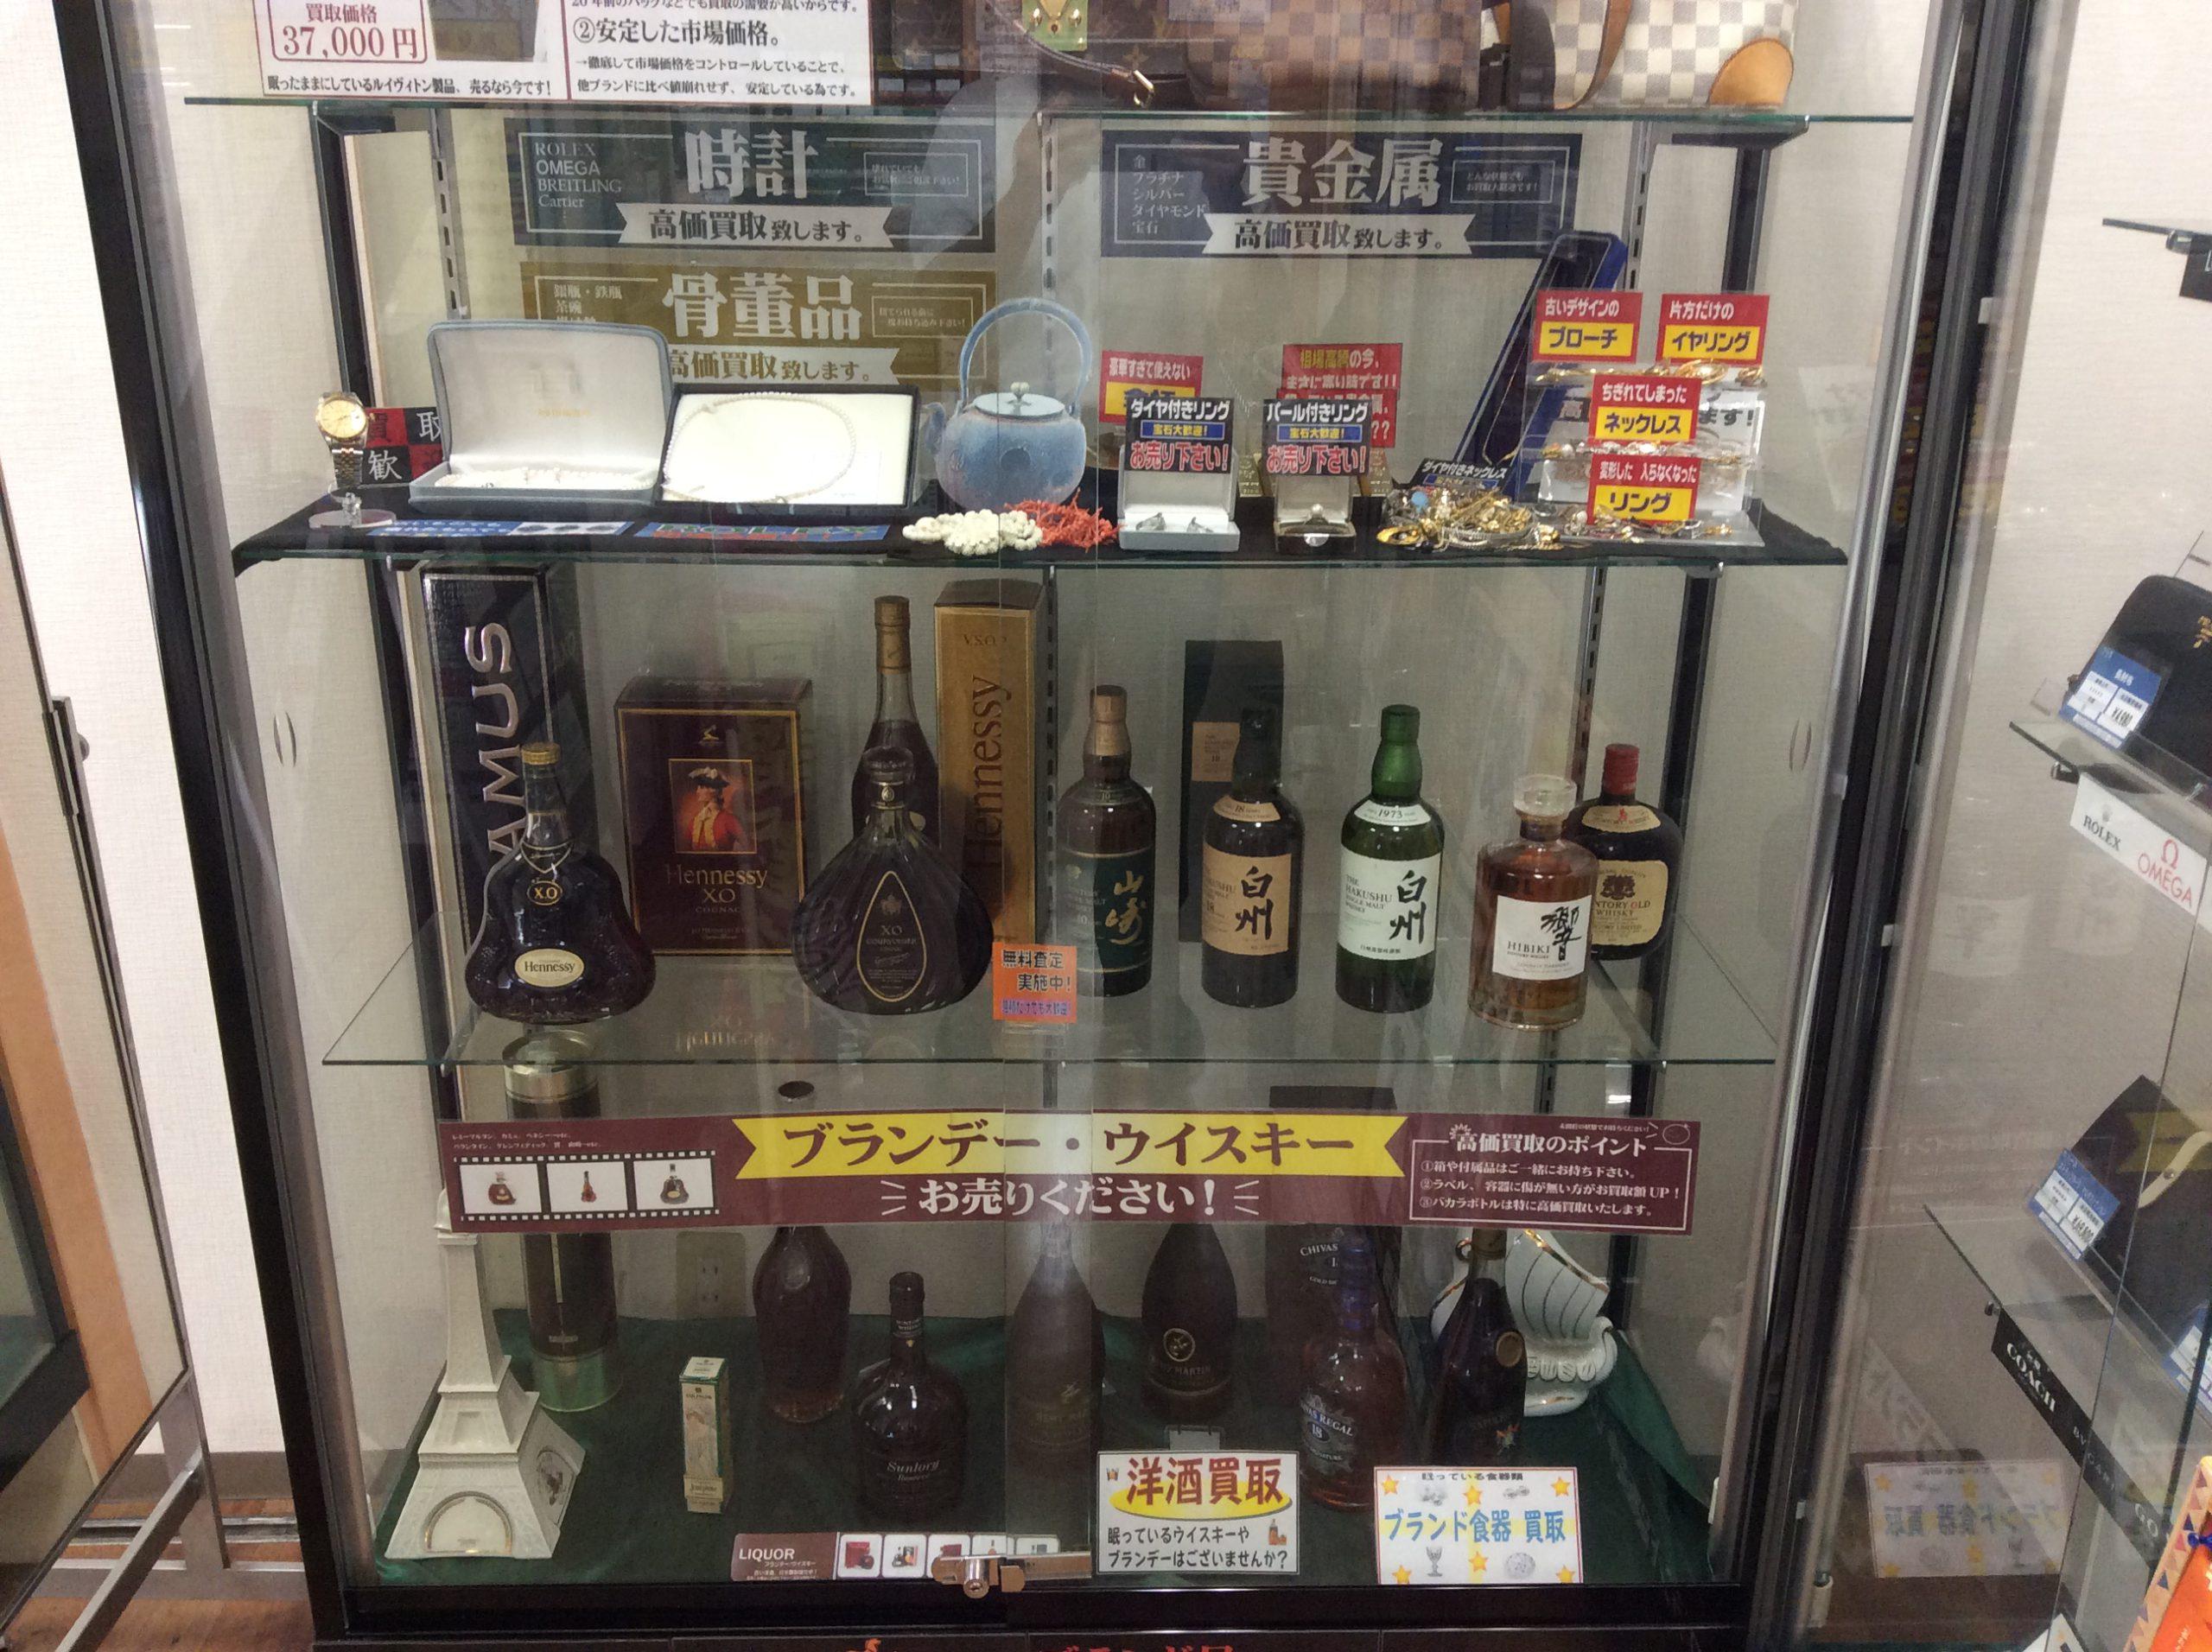 桂駅前店貴金属やブランド品、時計以外にもお酒や骨董品などのお買い取りも行っております。